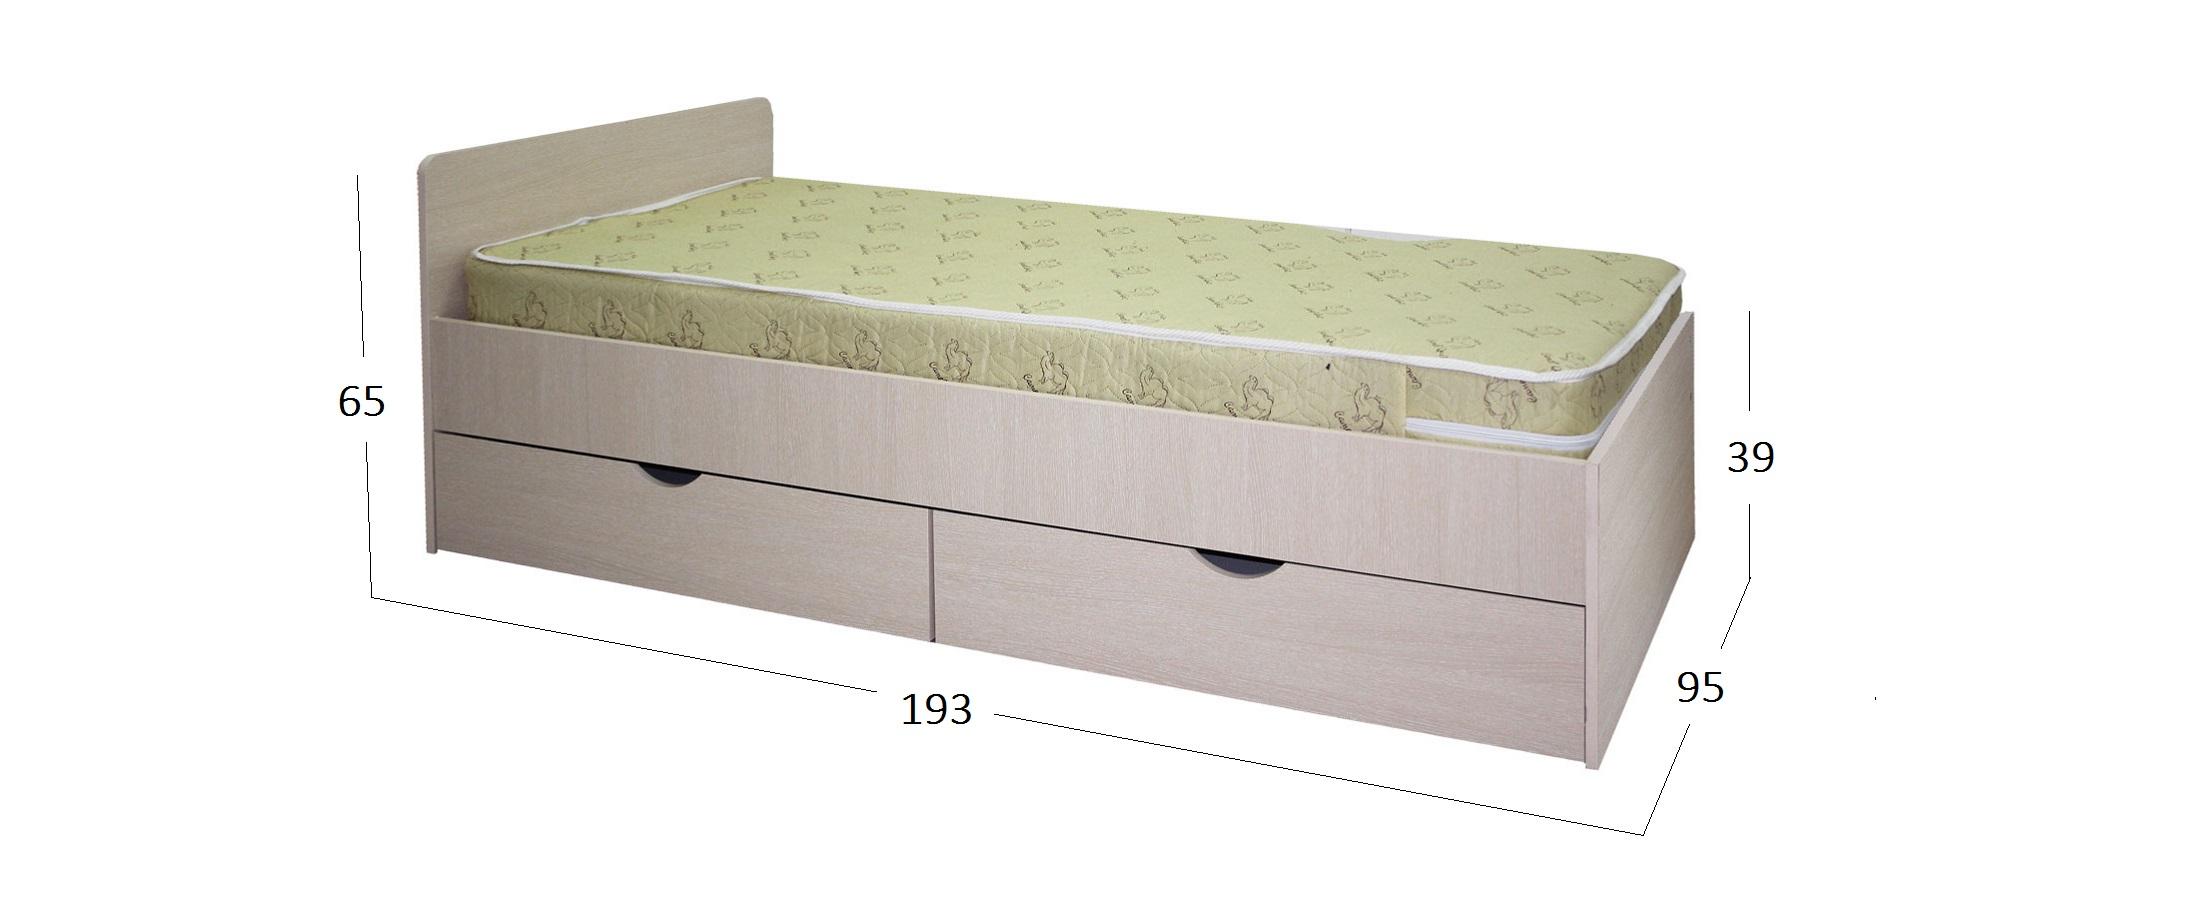 Кровать Стандарт Модель 505Спальное место 90х190 см. Гарантия 18 месяцев. Доставка от 1 дня.